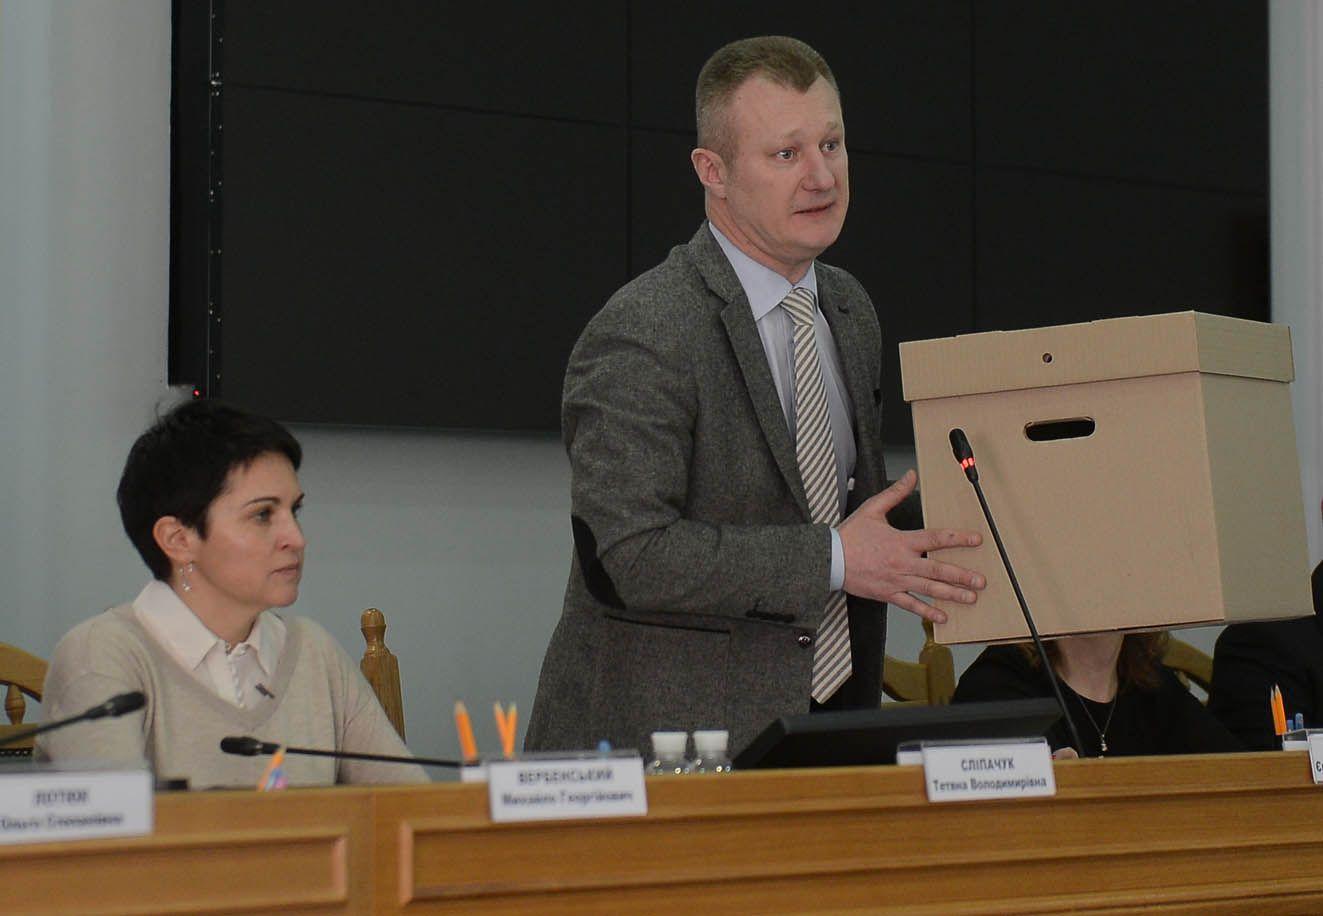 Die Zentrale Wahlkommission handelt wie auch früher strickt gemäß der Gesetzgebung und der Verfassung